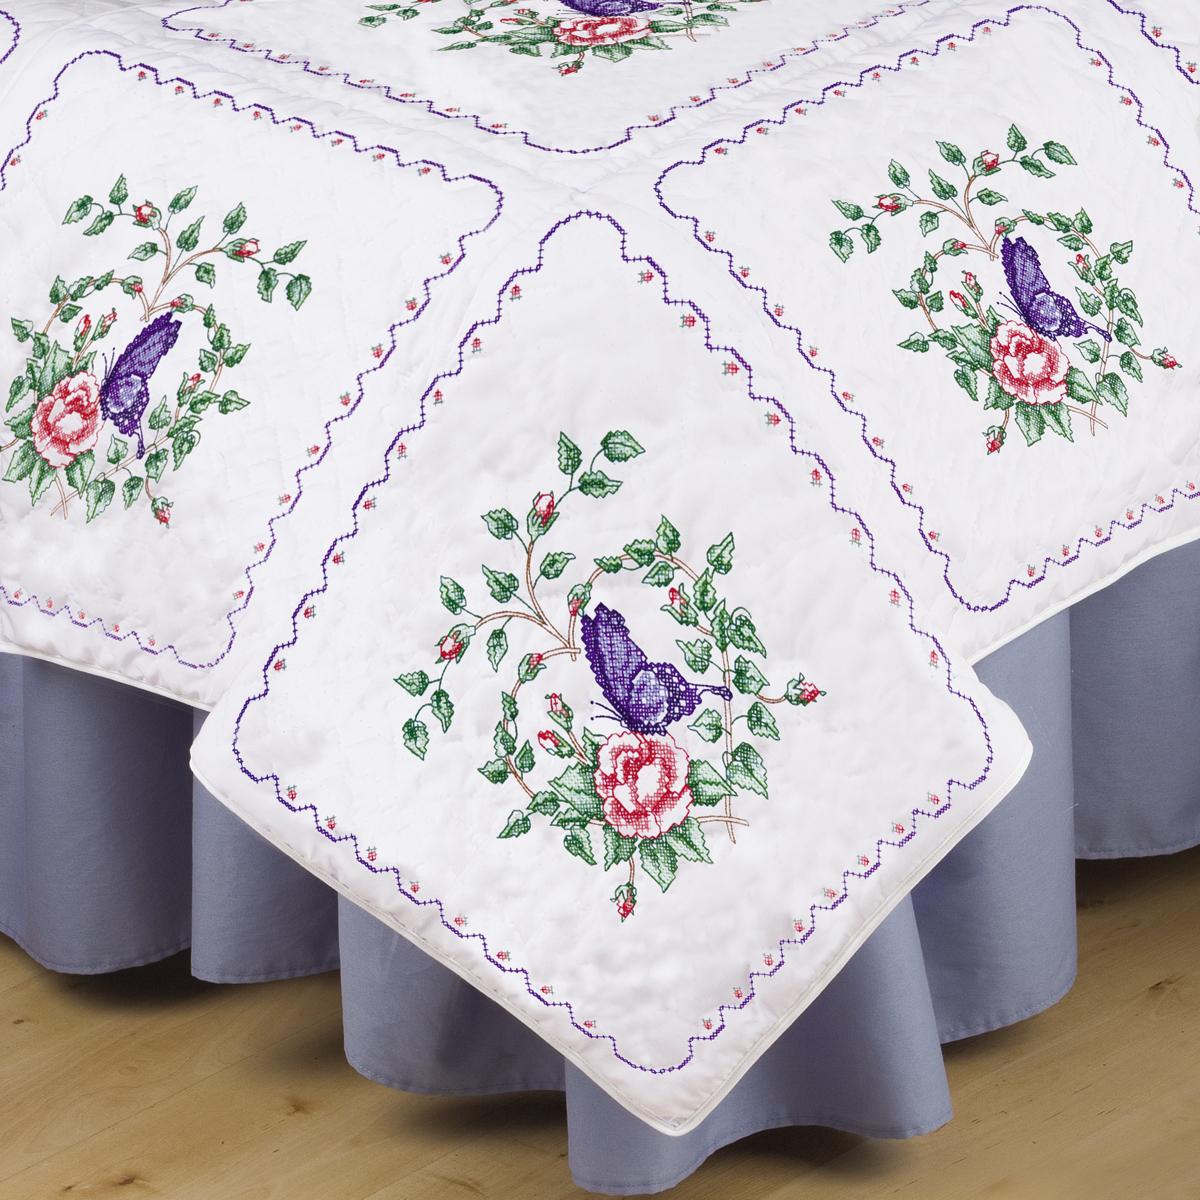 Stamped White Quilt Blocks 18x18 6pkg Butterfly Heart Joann